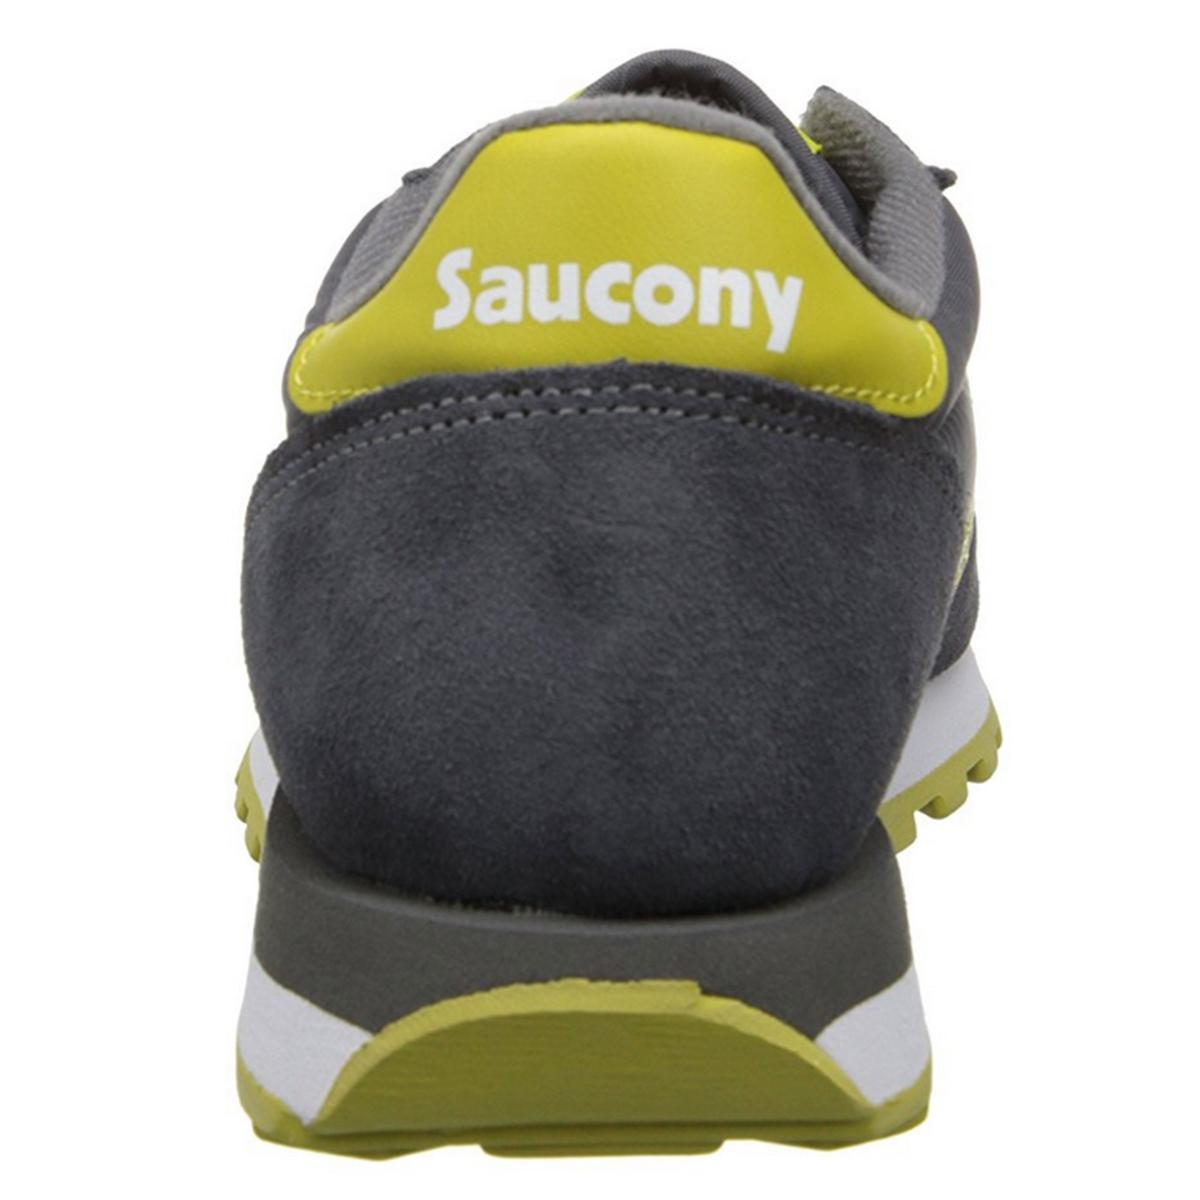 Scarpe Saucony Jazz O' - Uomo Rif. S2044-308 www.montorostore.it